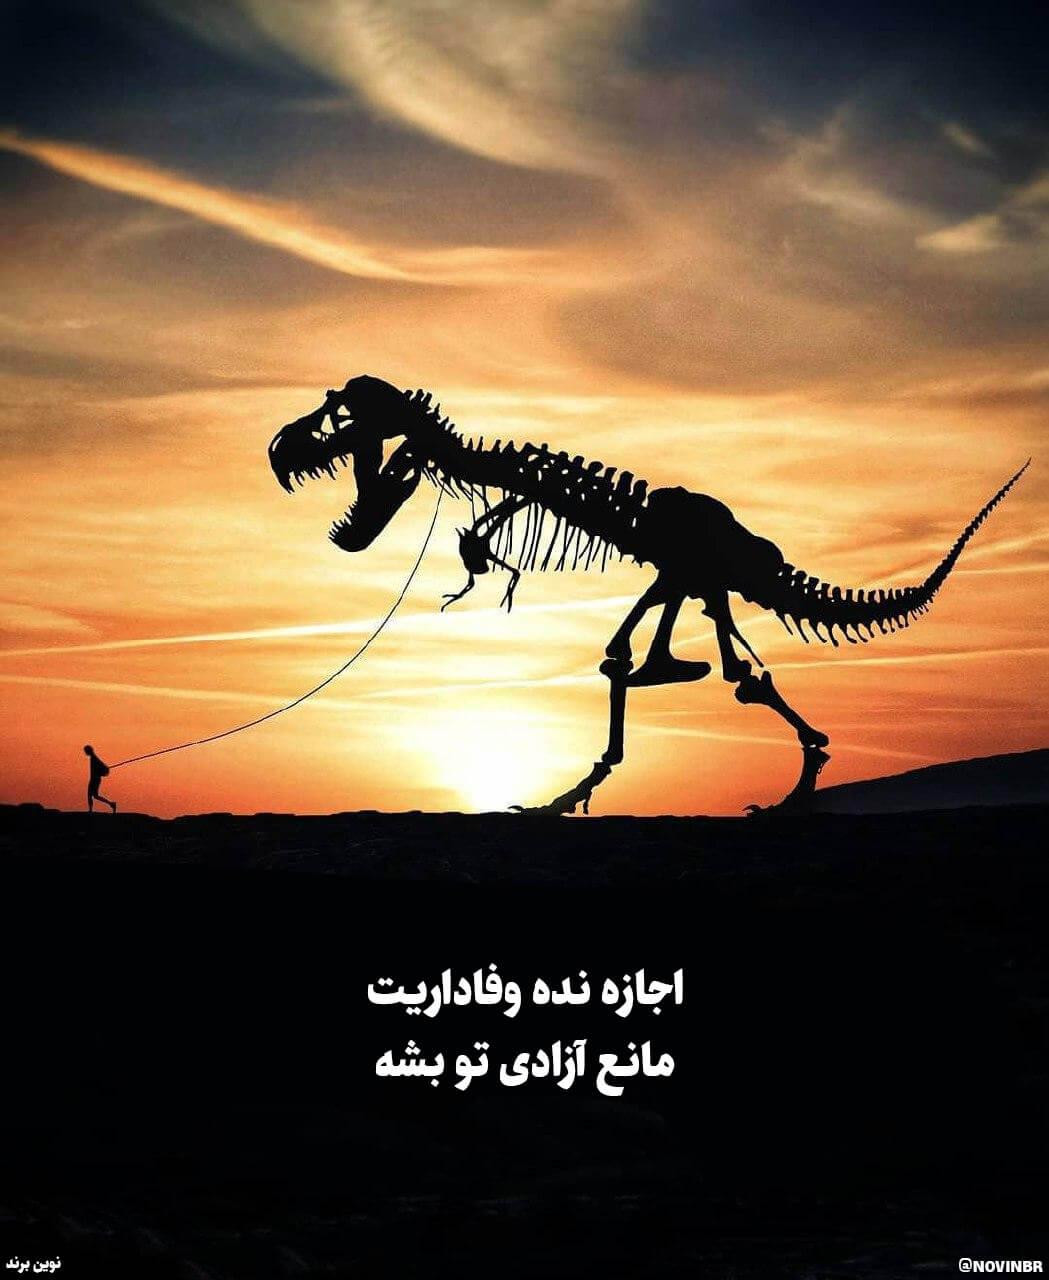 آزادیت رو حفظ کن